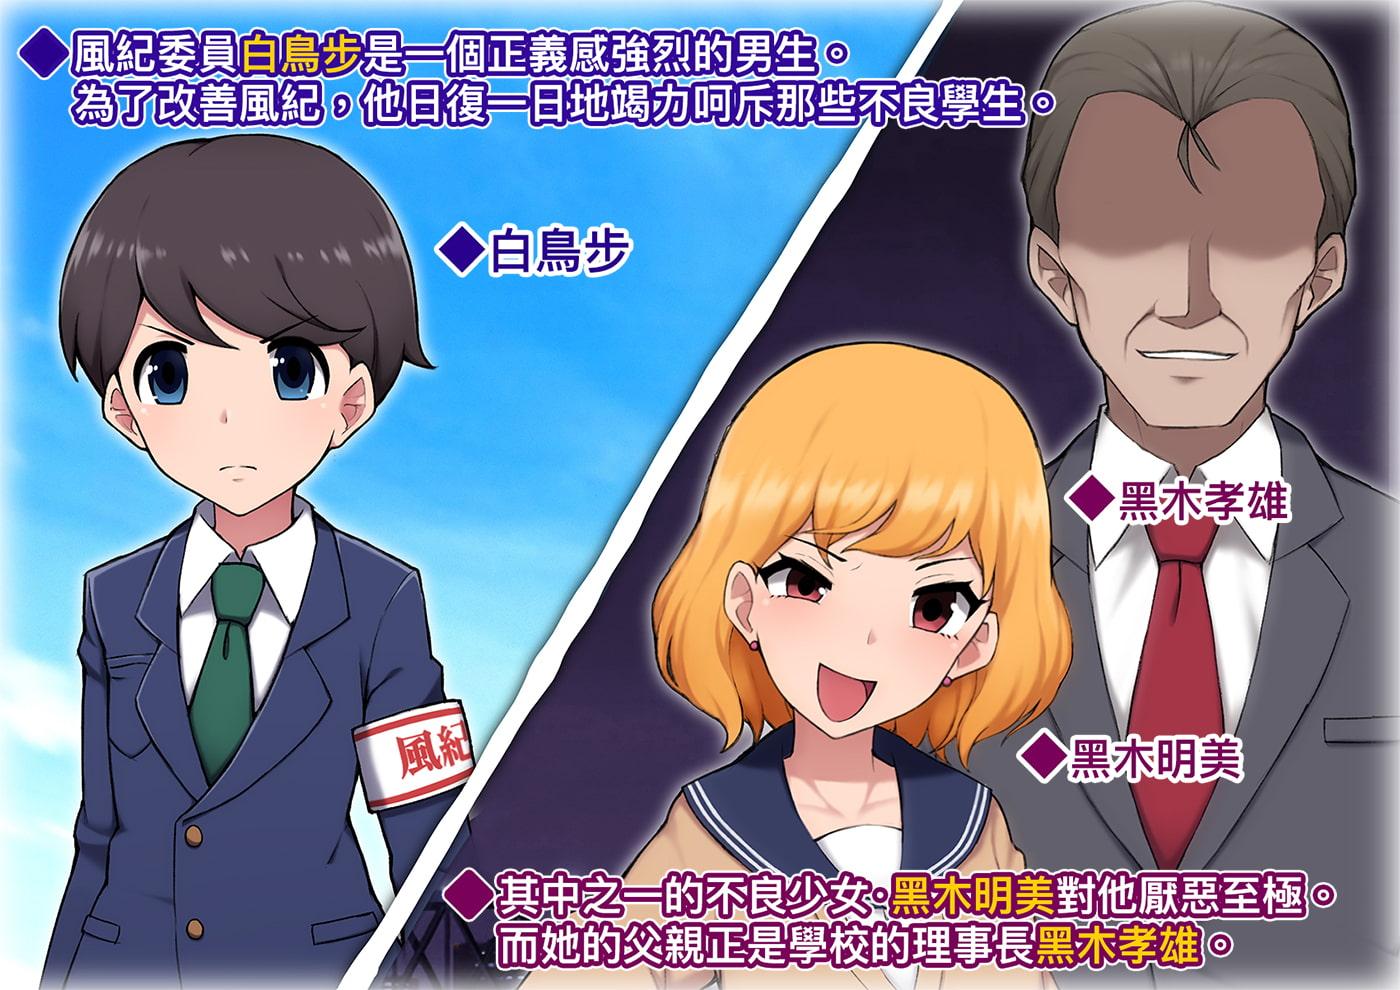 女裝雌墮的風紀委員〜清正的模範生墮落為淫乱的碧池〜